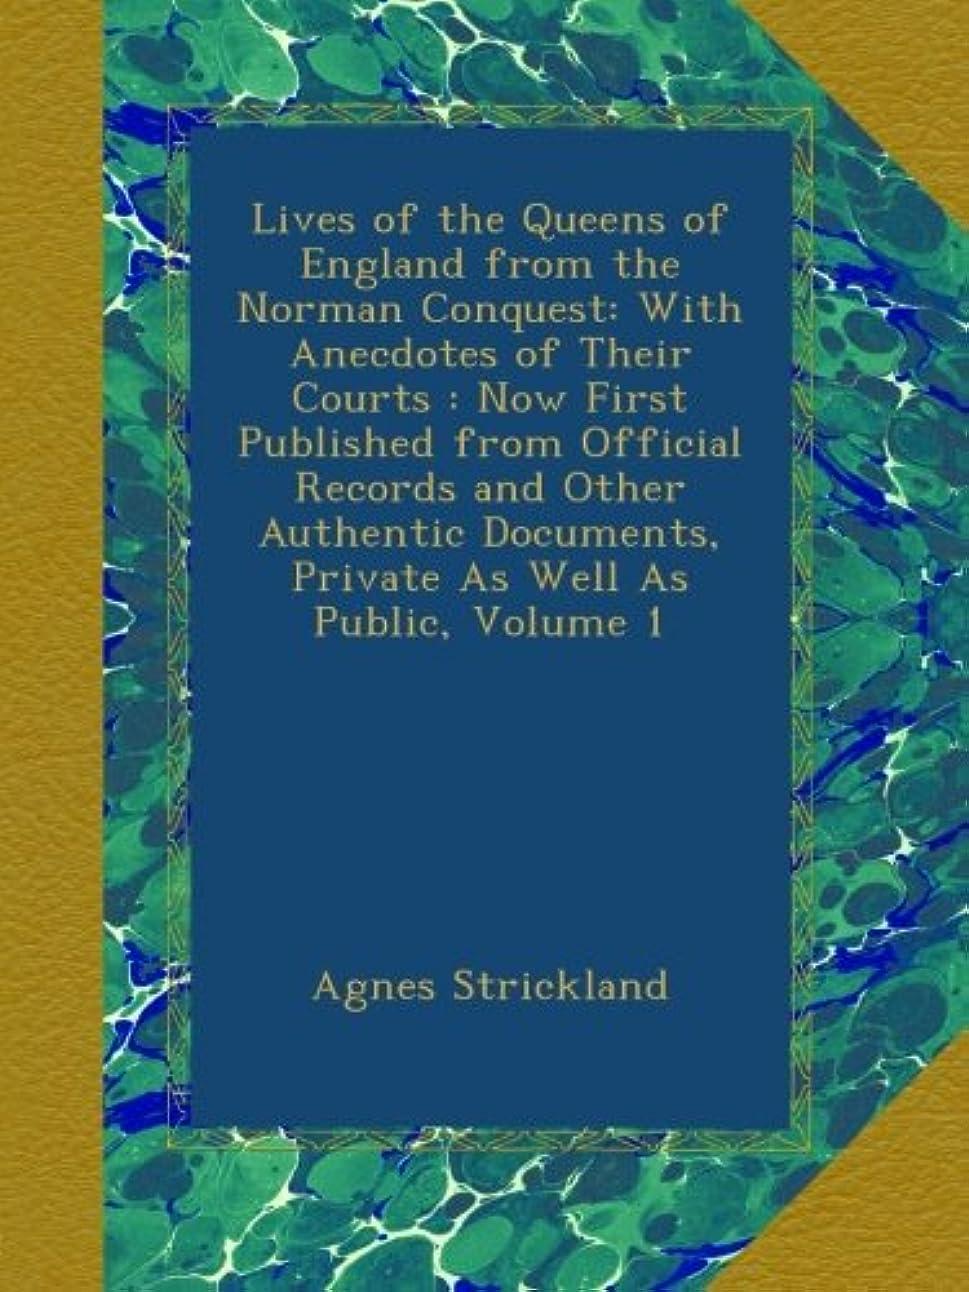 びっくりするアリーナ漏斗Lives of the Queens of England from the Norman Conquest: With Anecdotes of Their Courts : Now First Published from Official Records and Other Authentic Documents, Private As Well As Public, Volume 1